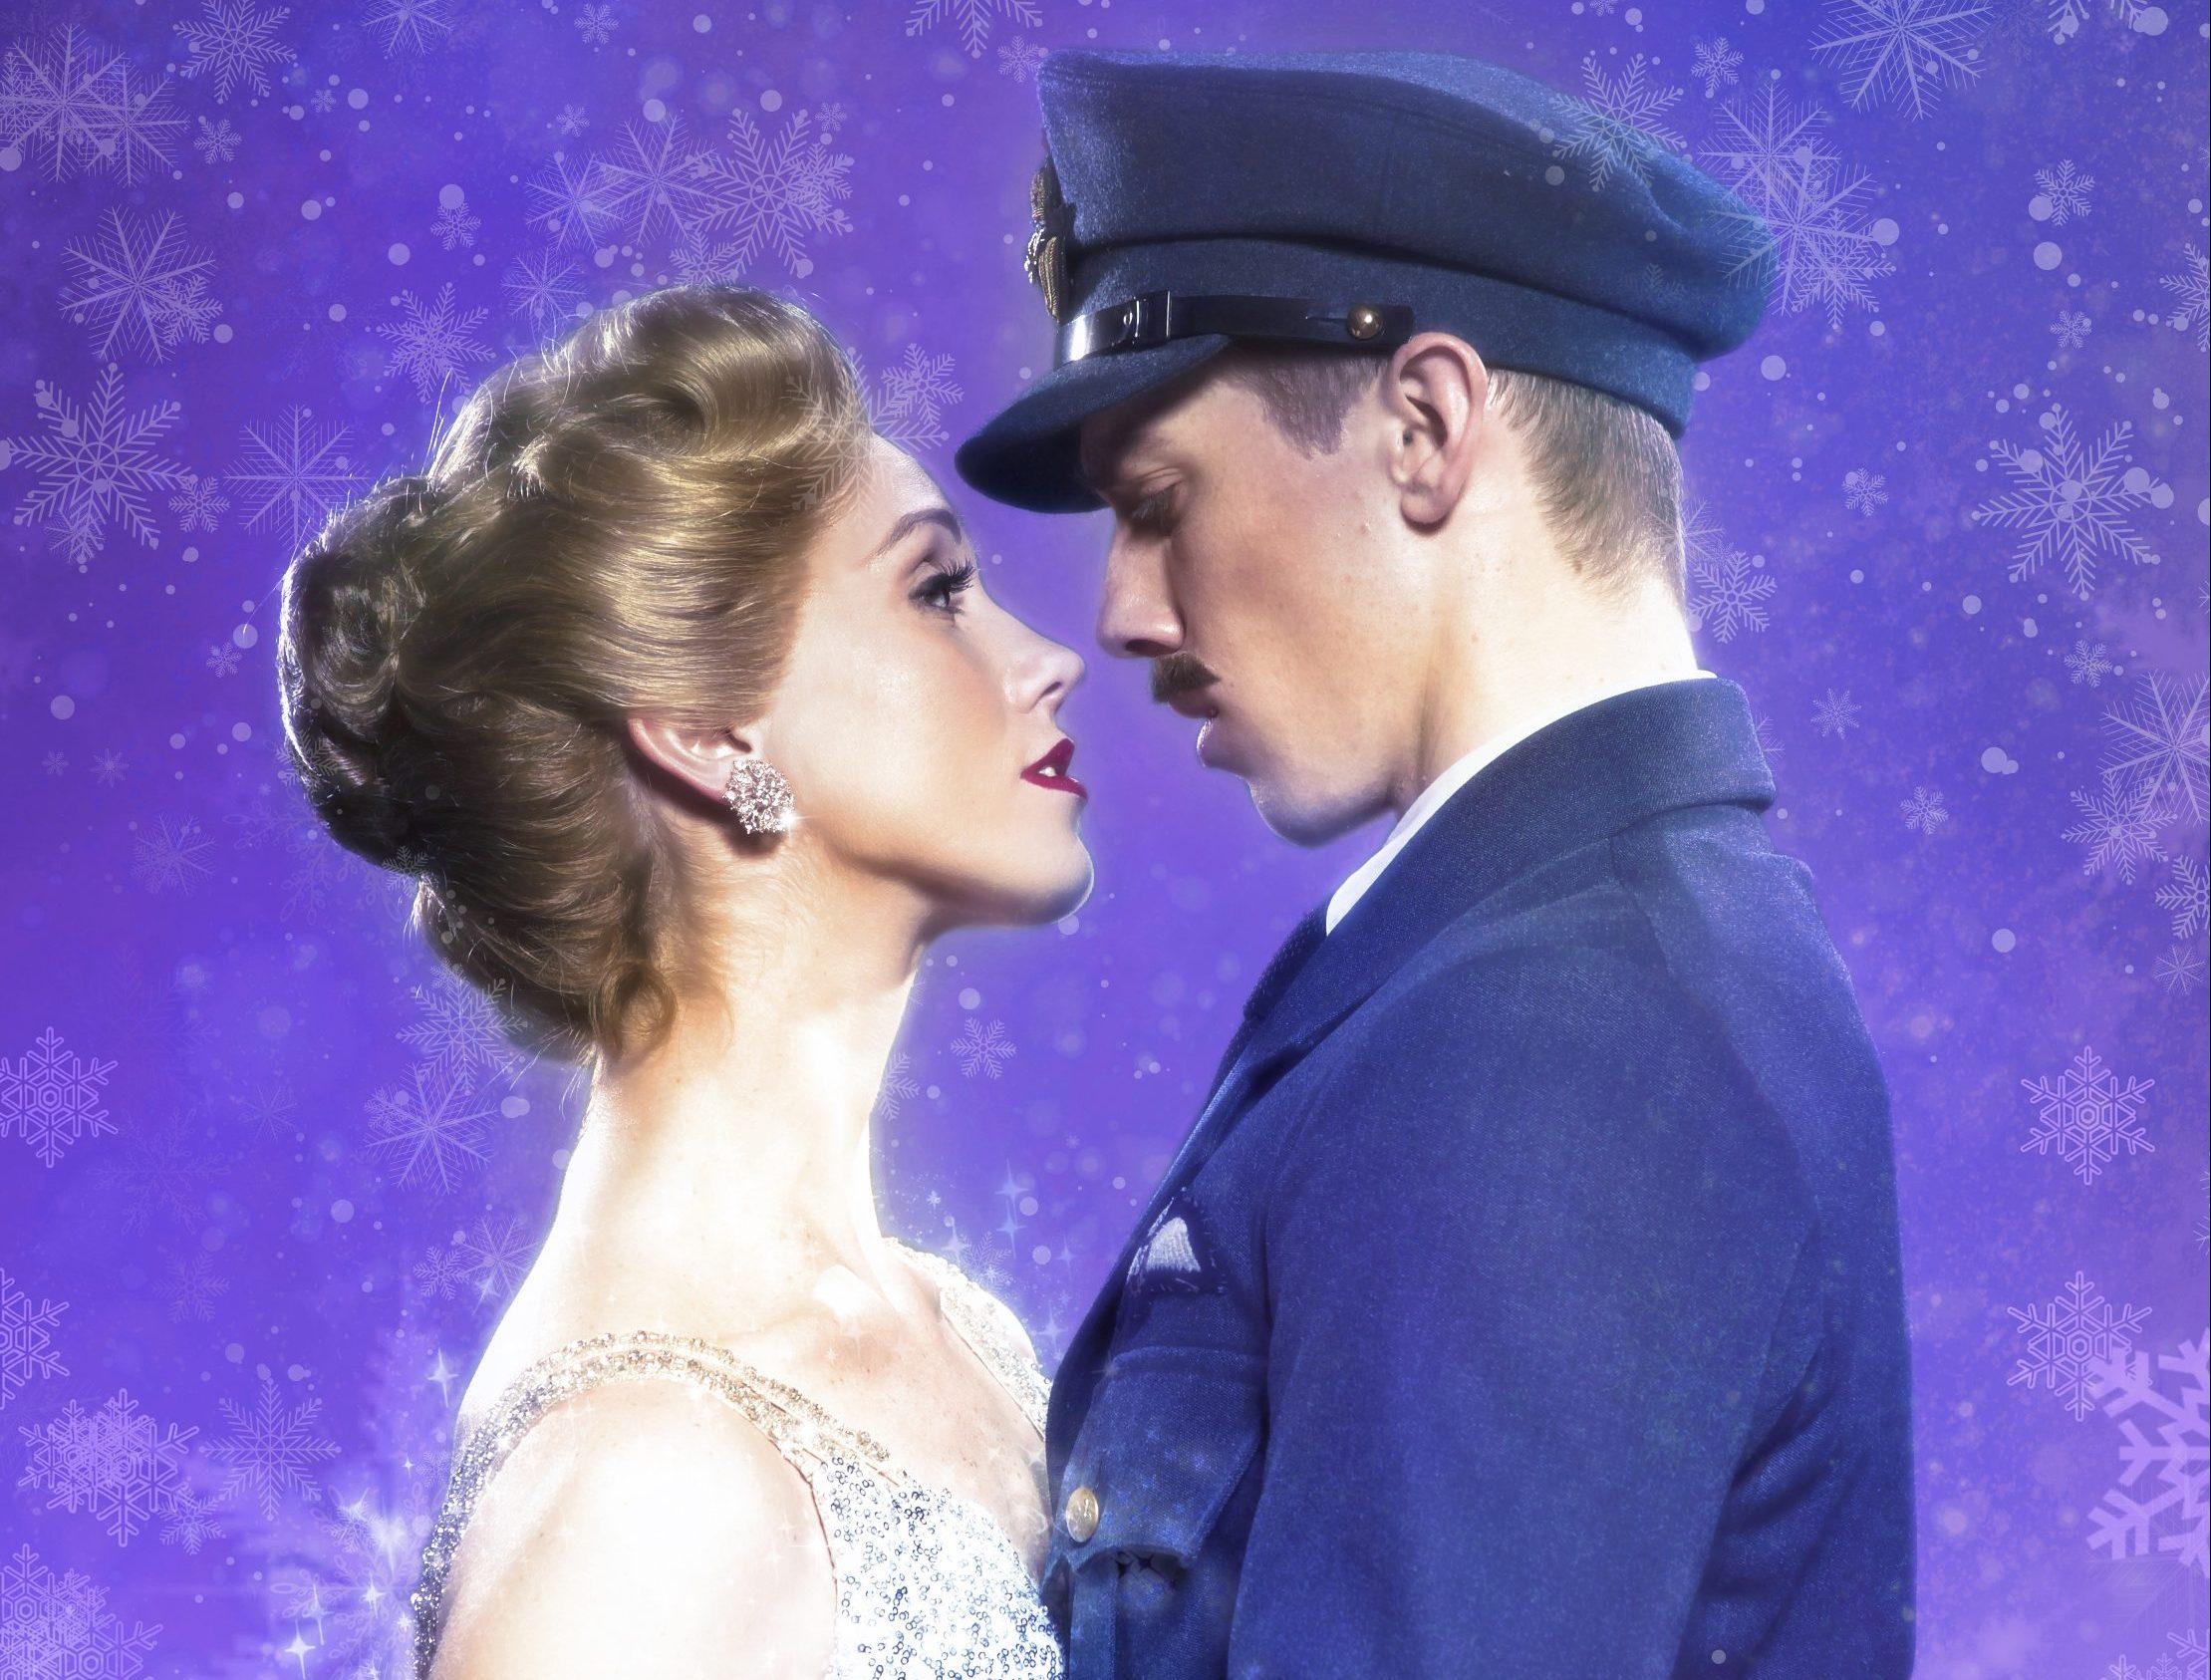 Matthew Bourne's Cinderella. Matthew Bourne's New Adventures.